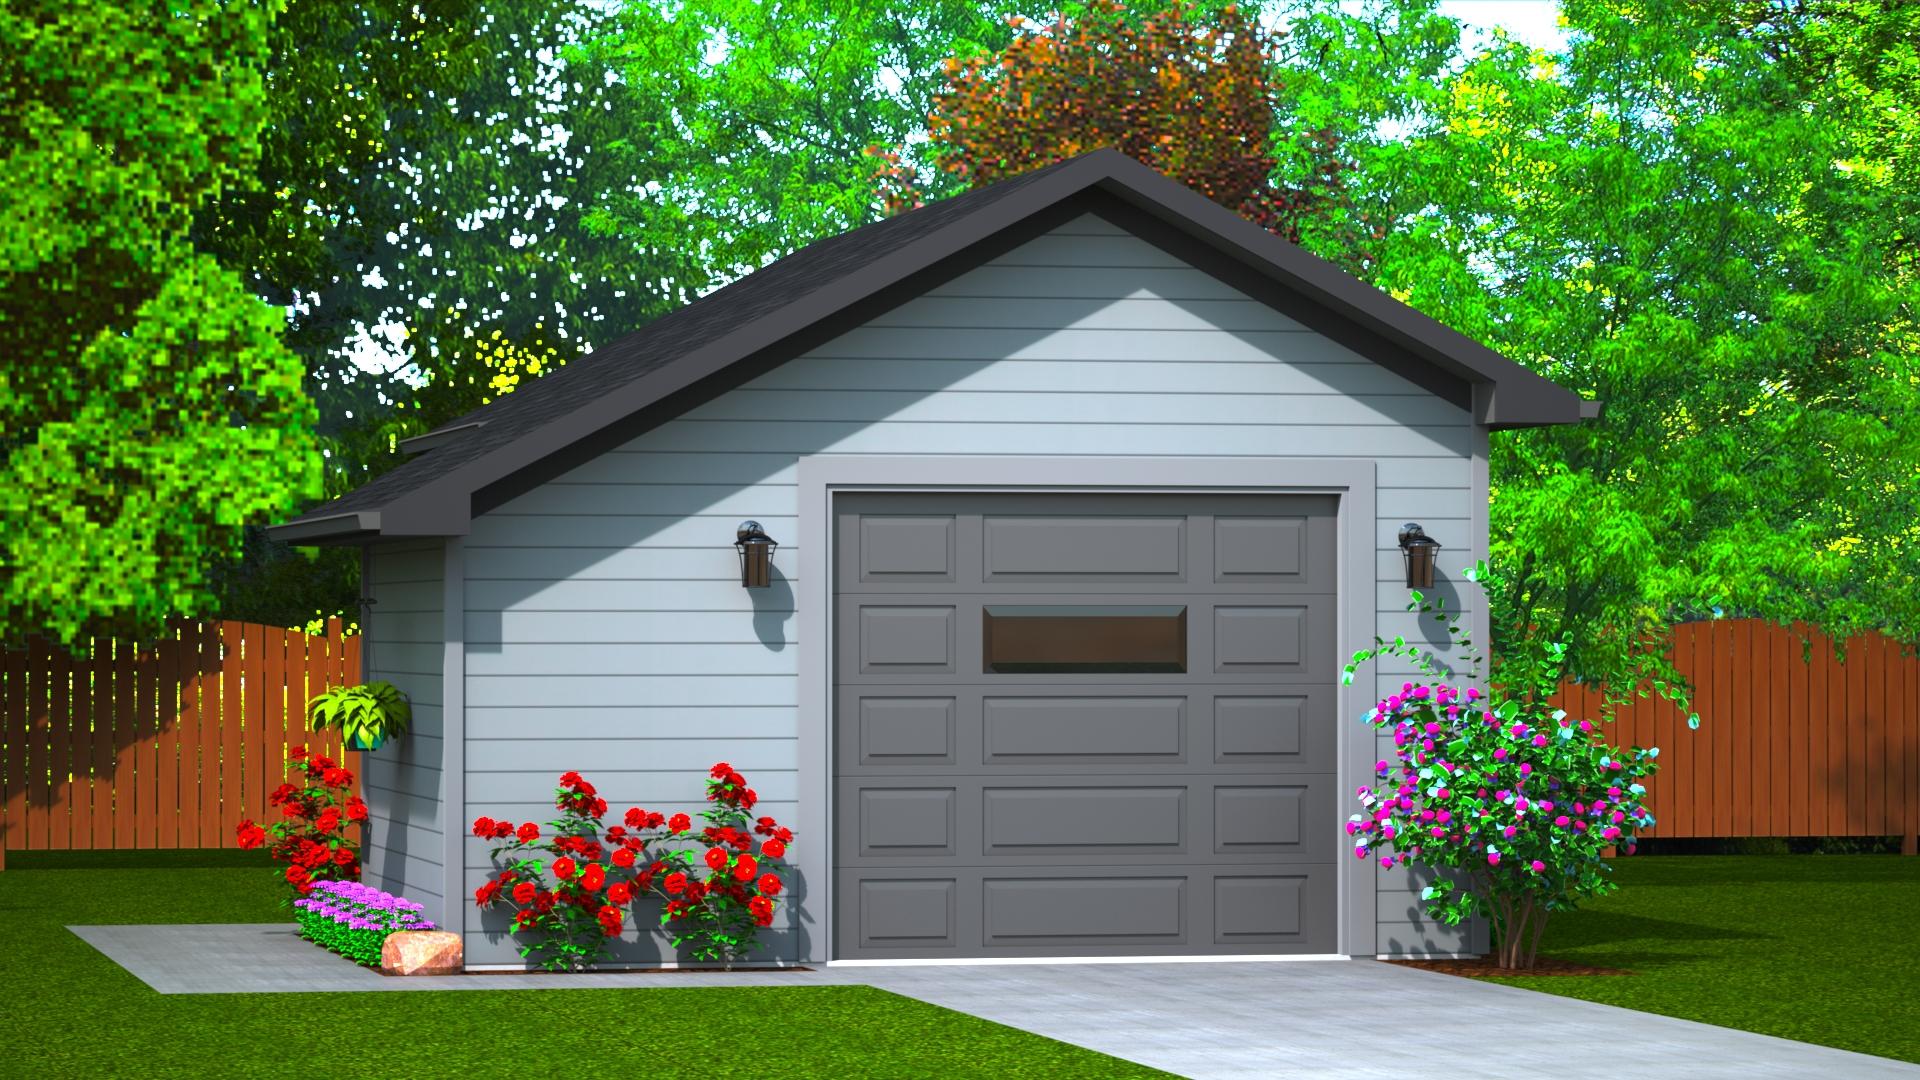 384 sq.ft. timber mart garage exterior render